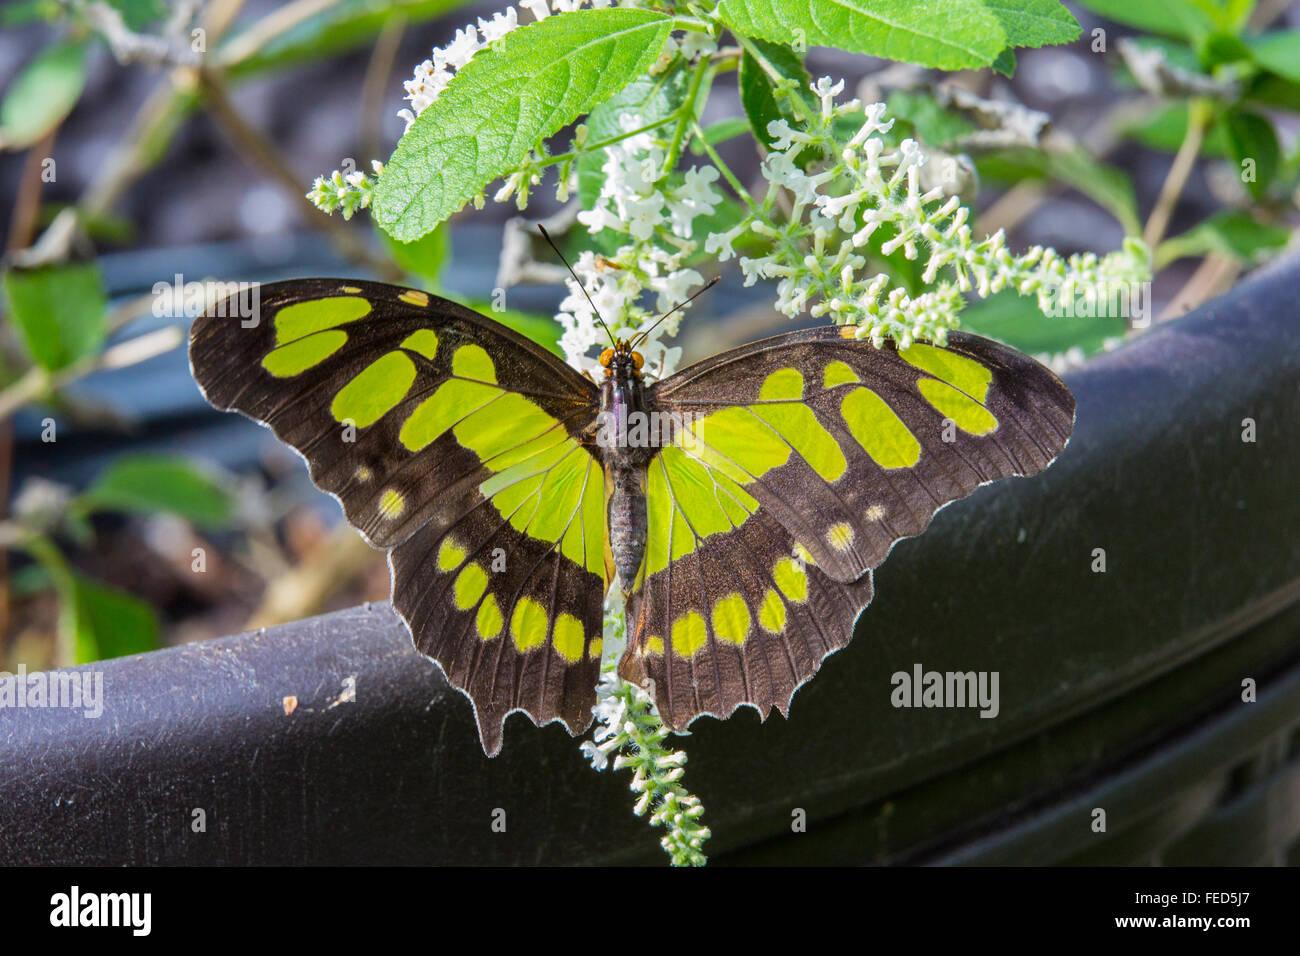 Primer plano de Malaquita Siproeta stelenes Mariposa en una flor en las fincas de mariposas en Fort Myers Florida Foto de stock